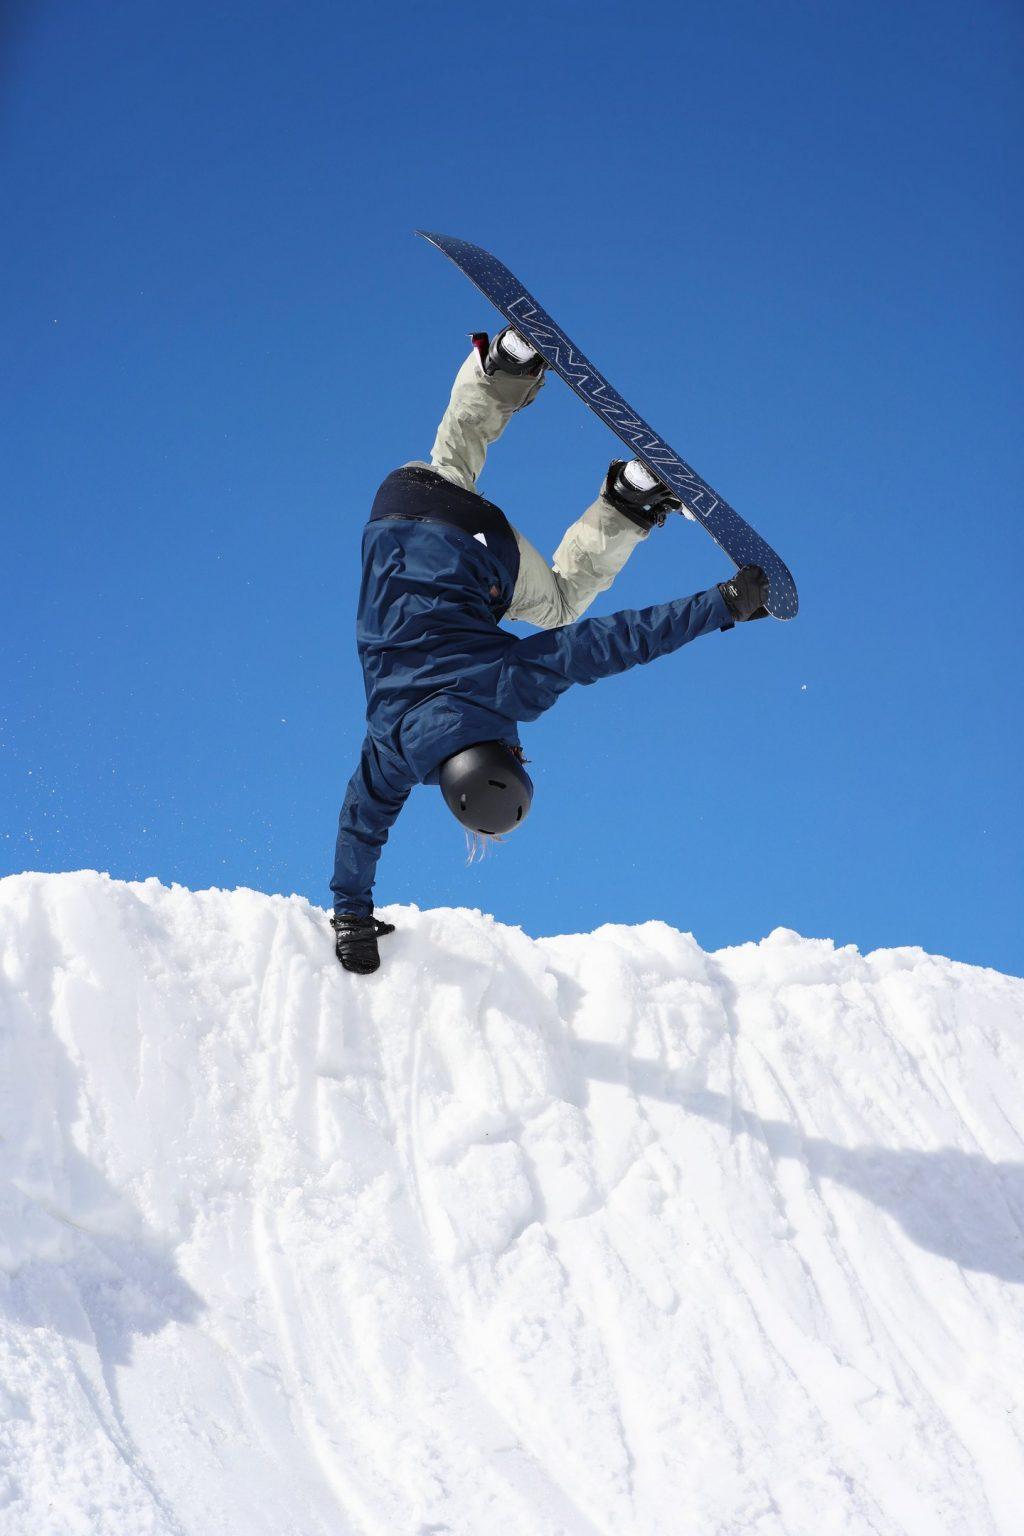 Enni Rukajärvi hyppää ja tarttuu half-pipen reunaan sekä toisella kädellään lautaansa. Taustalla on sininen taivas.